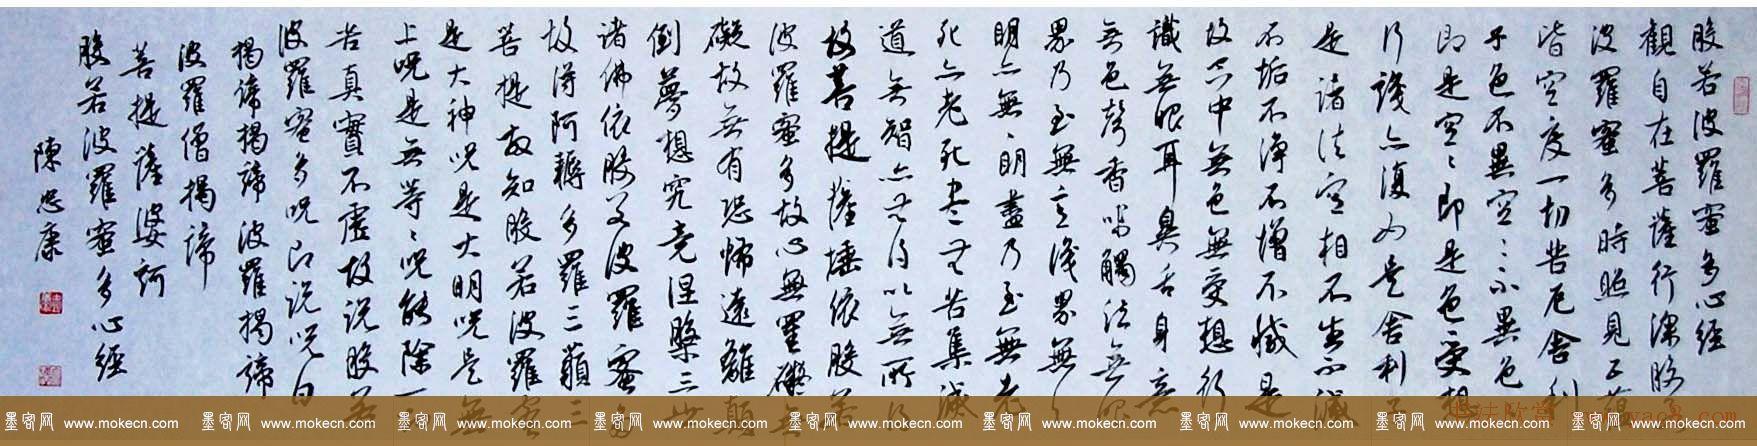 温州书协主席陈忠康行书作品《心经》手卷